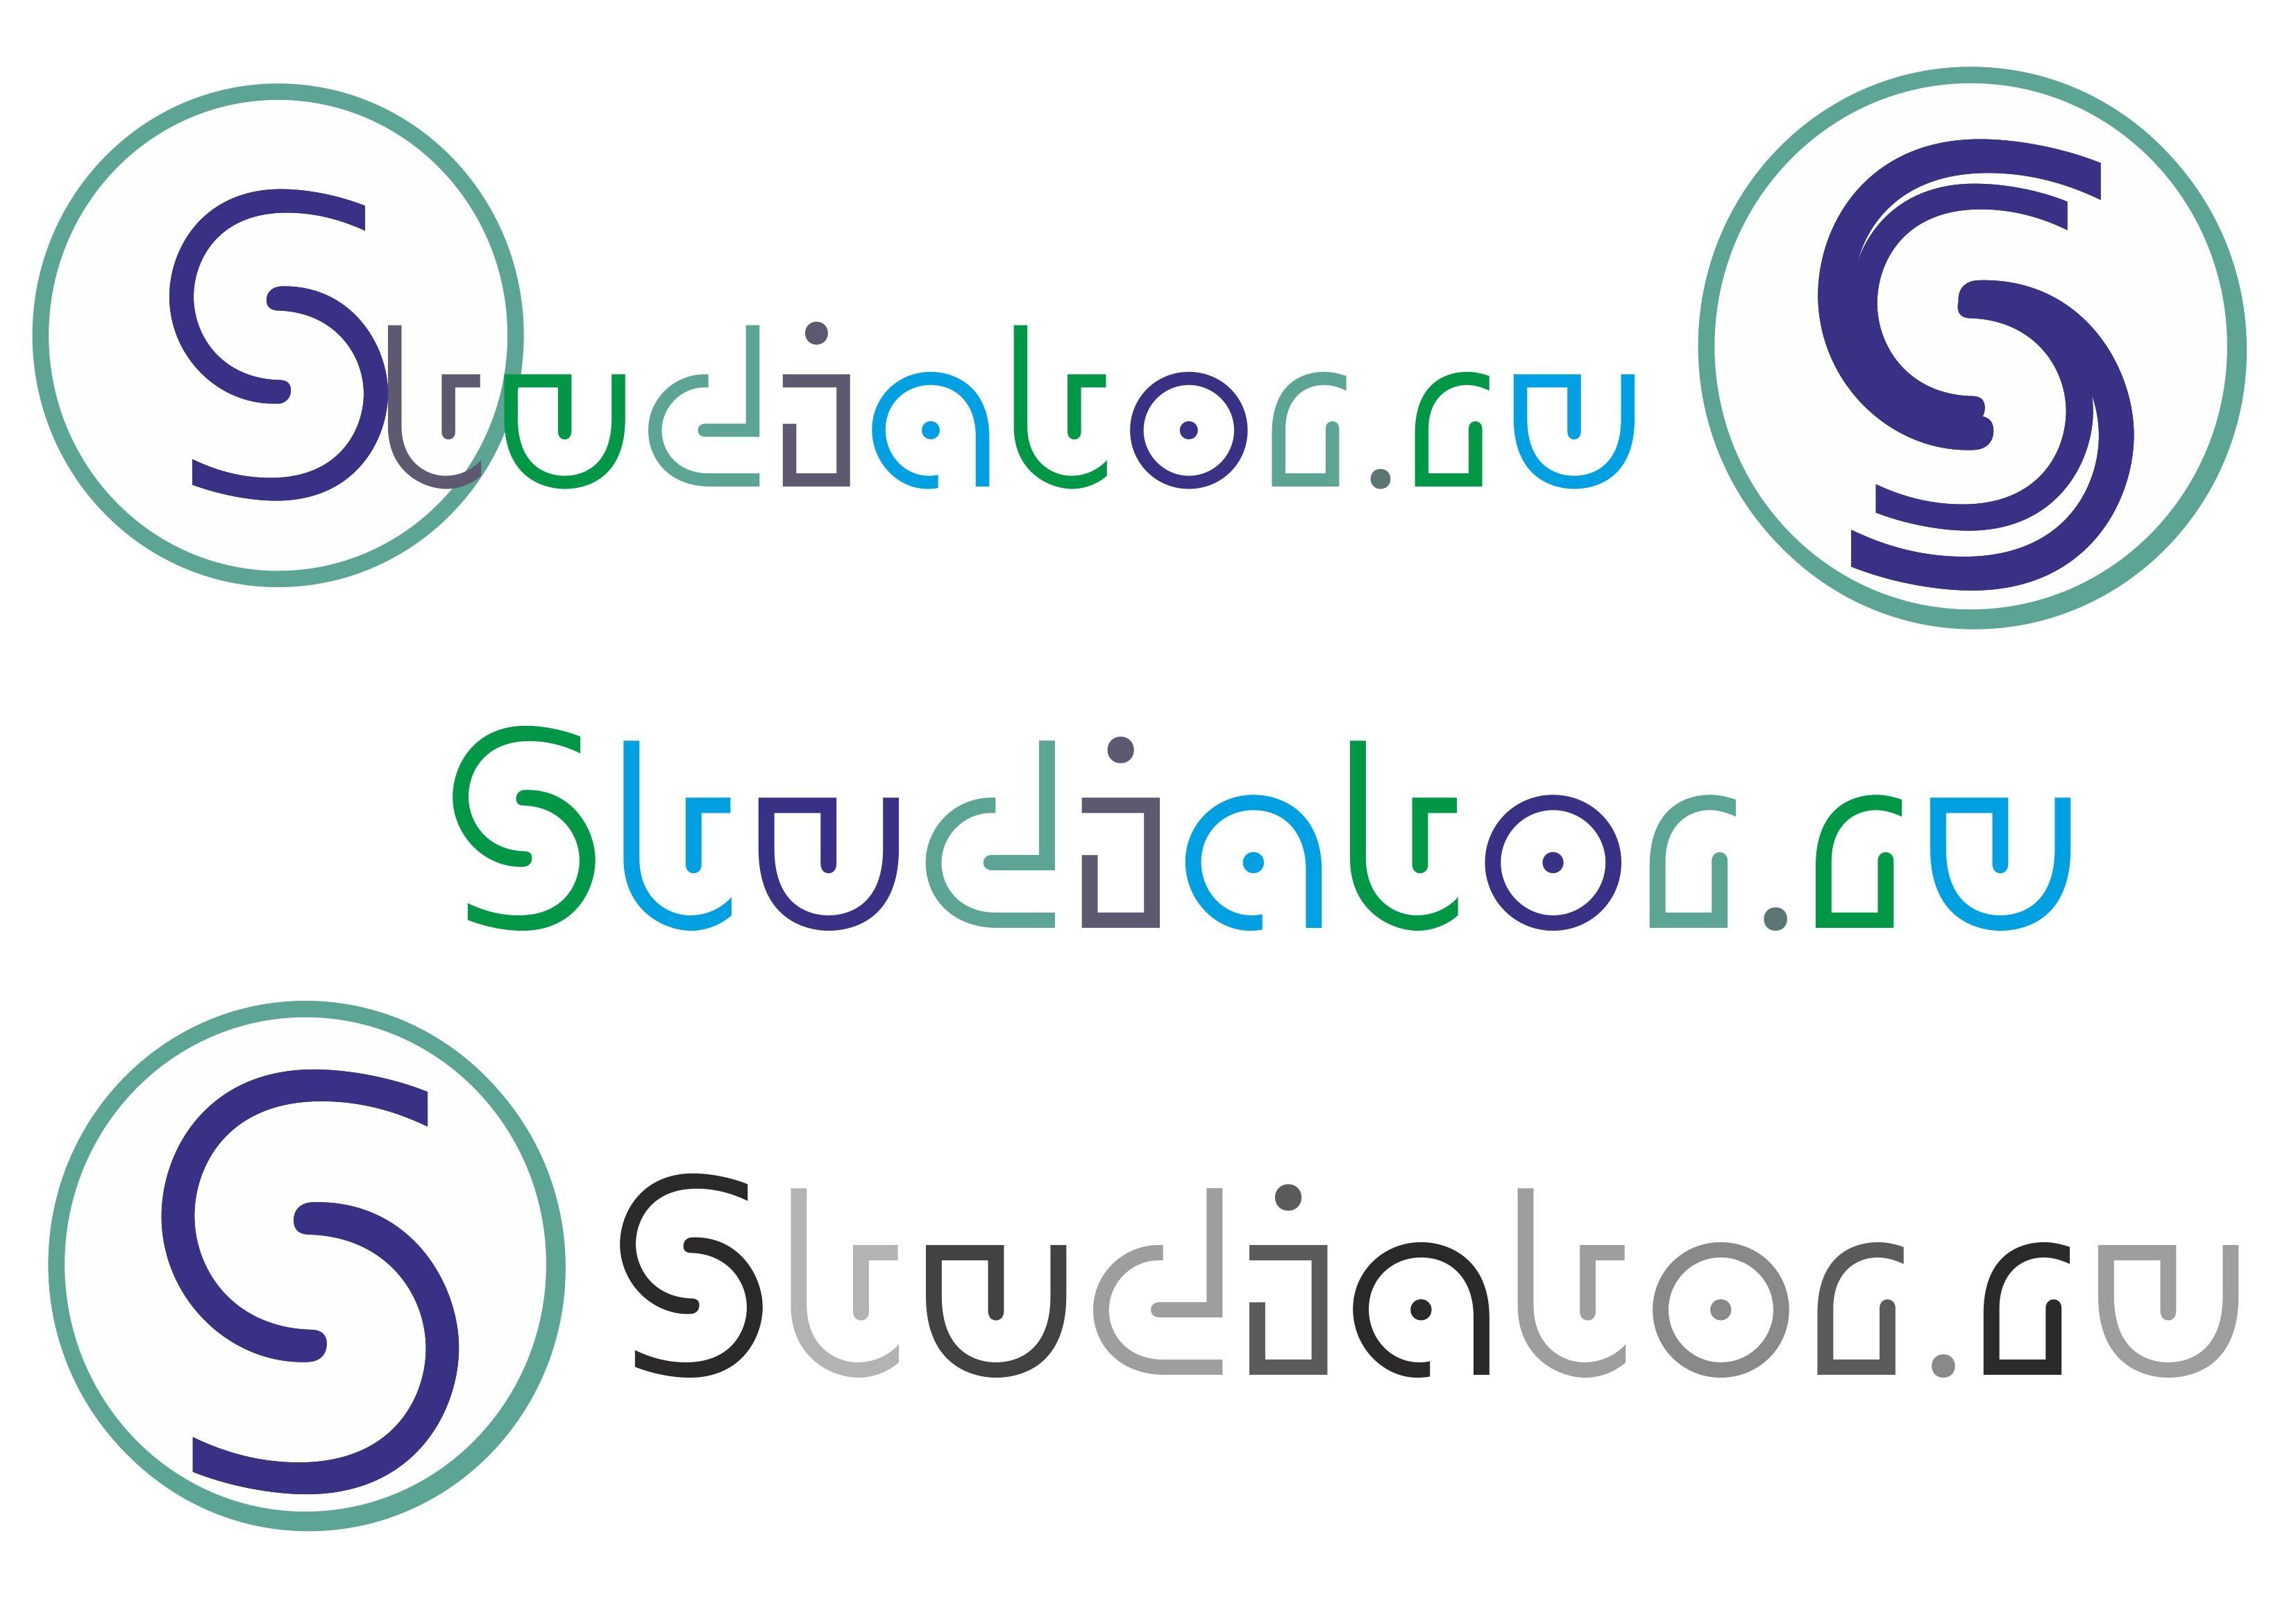 Логотип для каталога студий Веб-дизайна - дизайнер toster108